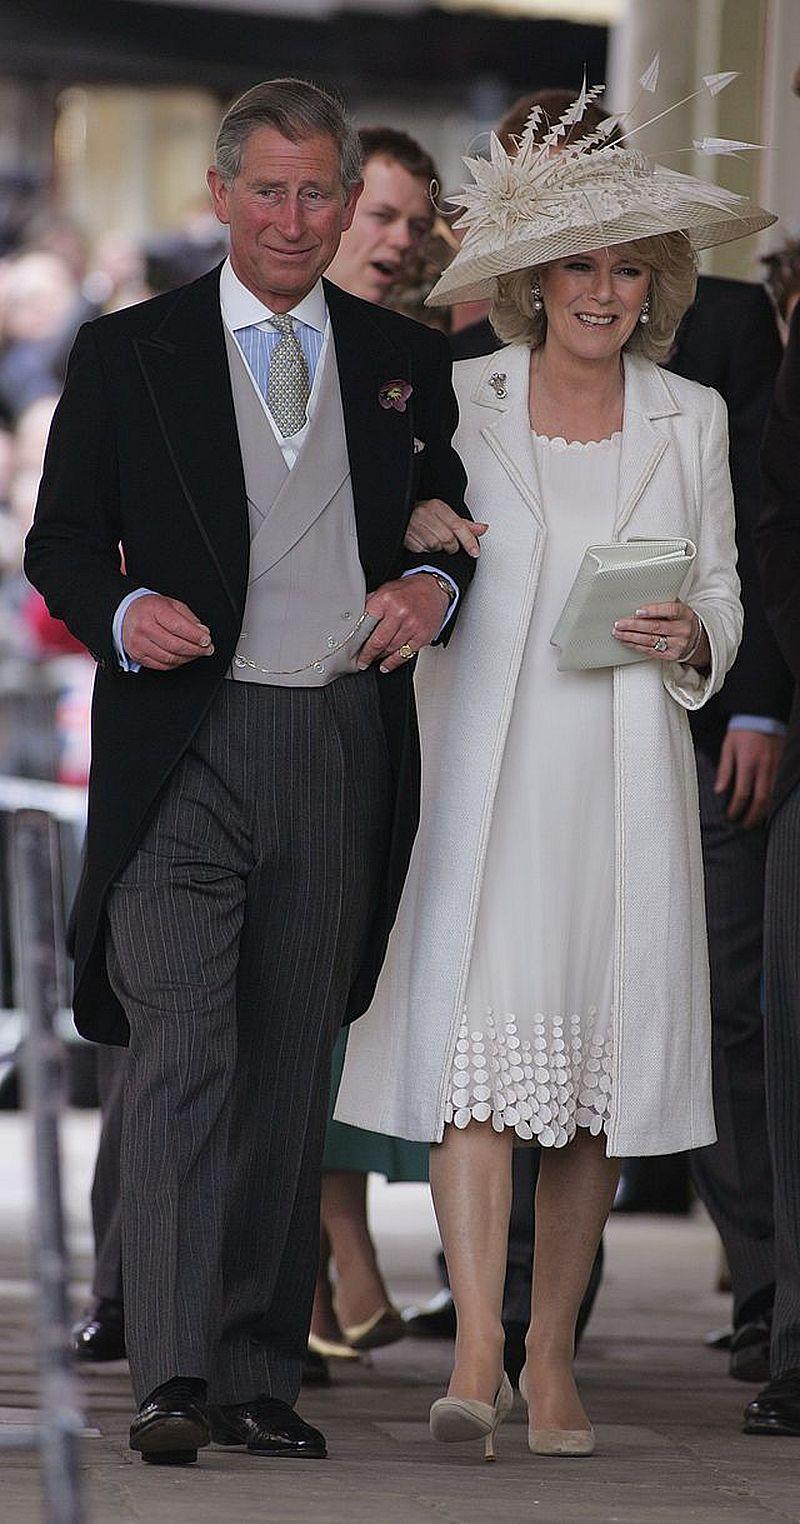 SKANDAL w pałacu - pijana Camilla UDERZYŁA królową Elżbietę